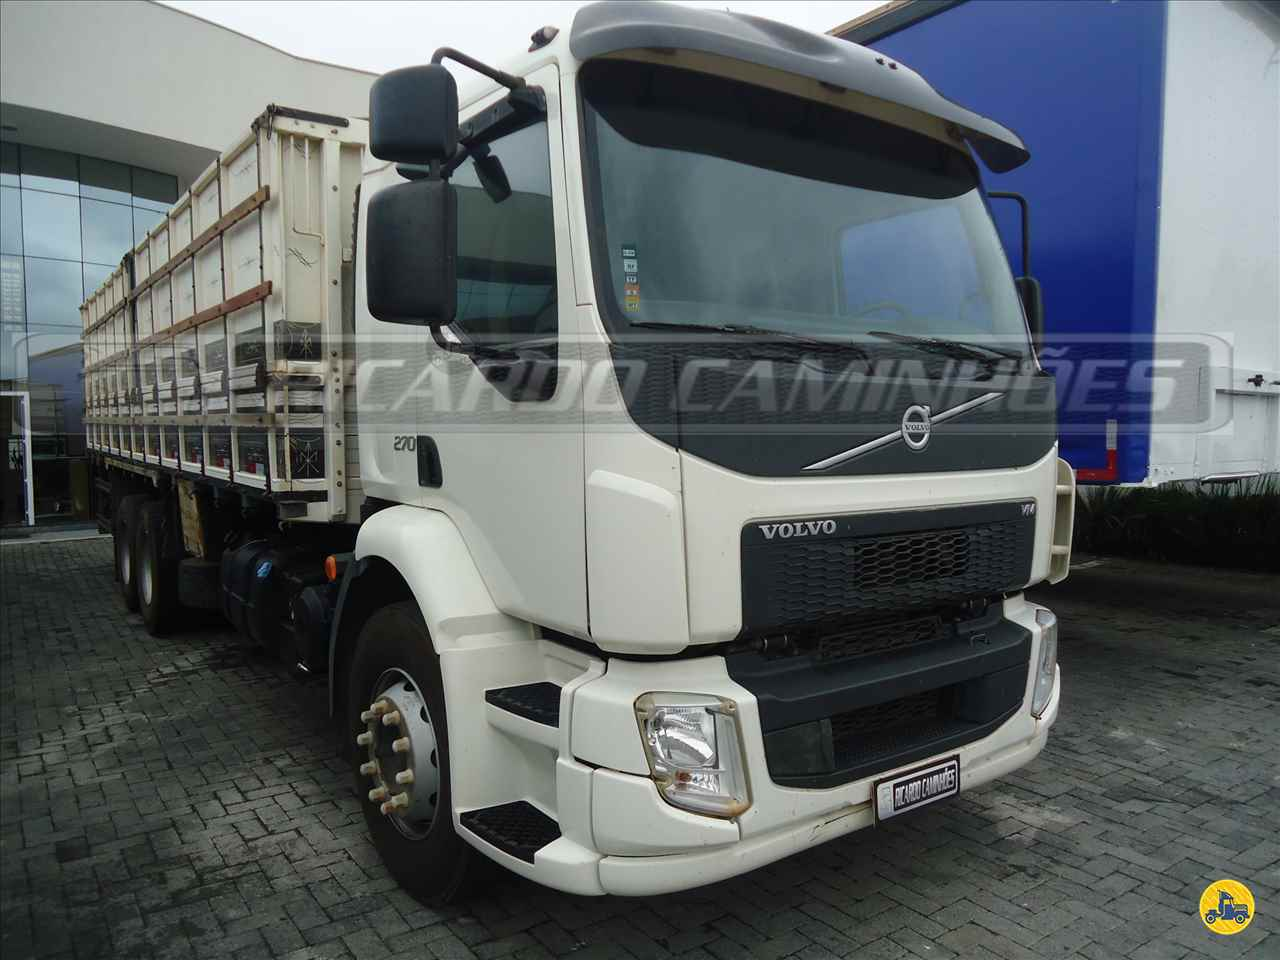 CAMINHAO VOLVO VOLVO VM 270 Graneleiro Truck 6x2 Ricardo Caminhões Curitiba CURITIBA PARANÁ PR